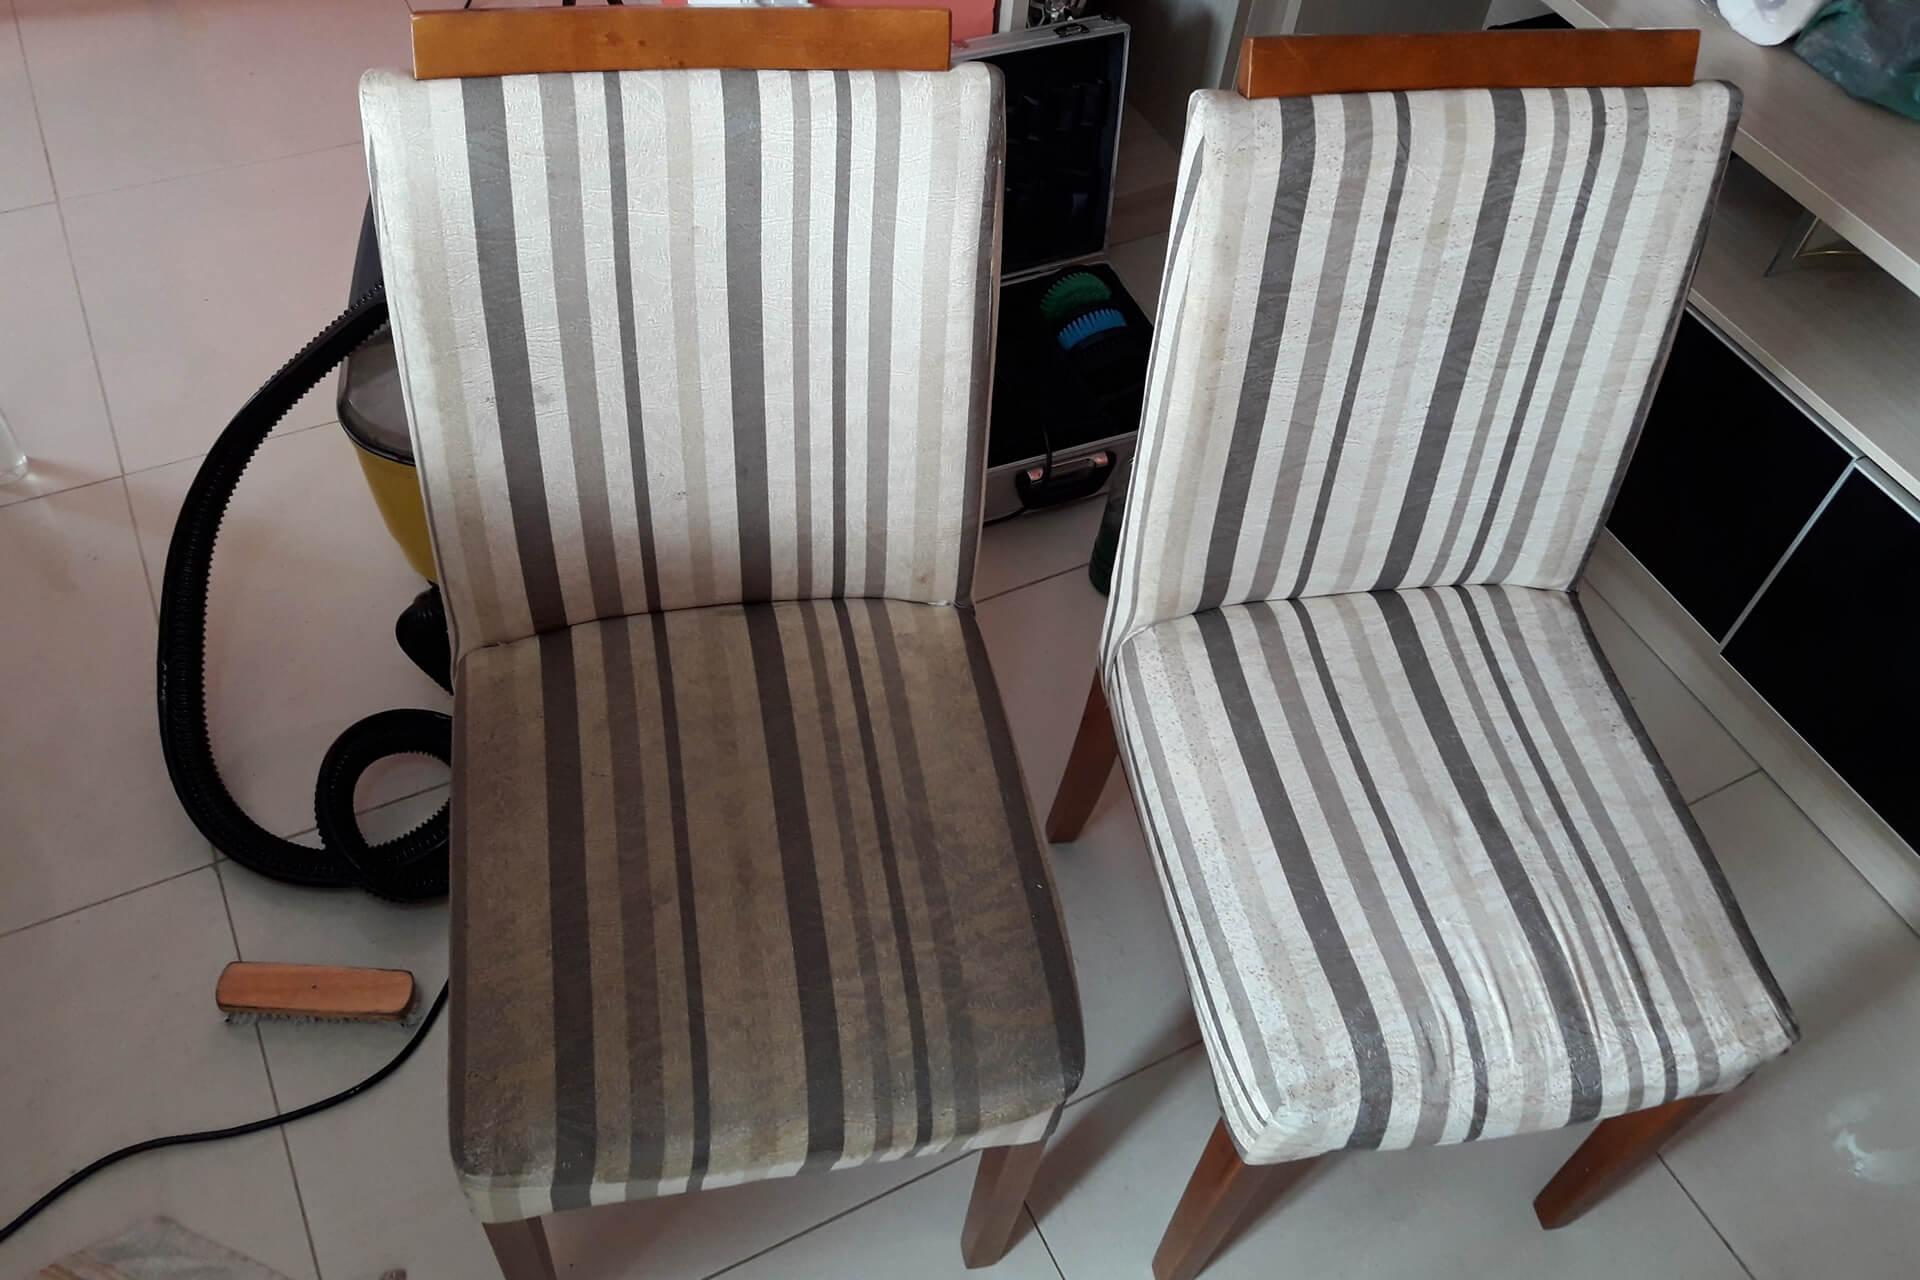 limpeza-de-cadeiras_limpeza-de-cadeiras-em-curitiba-3